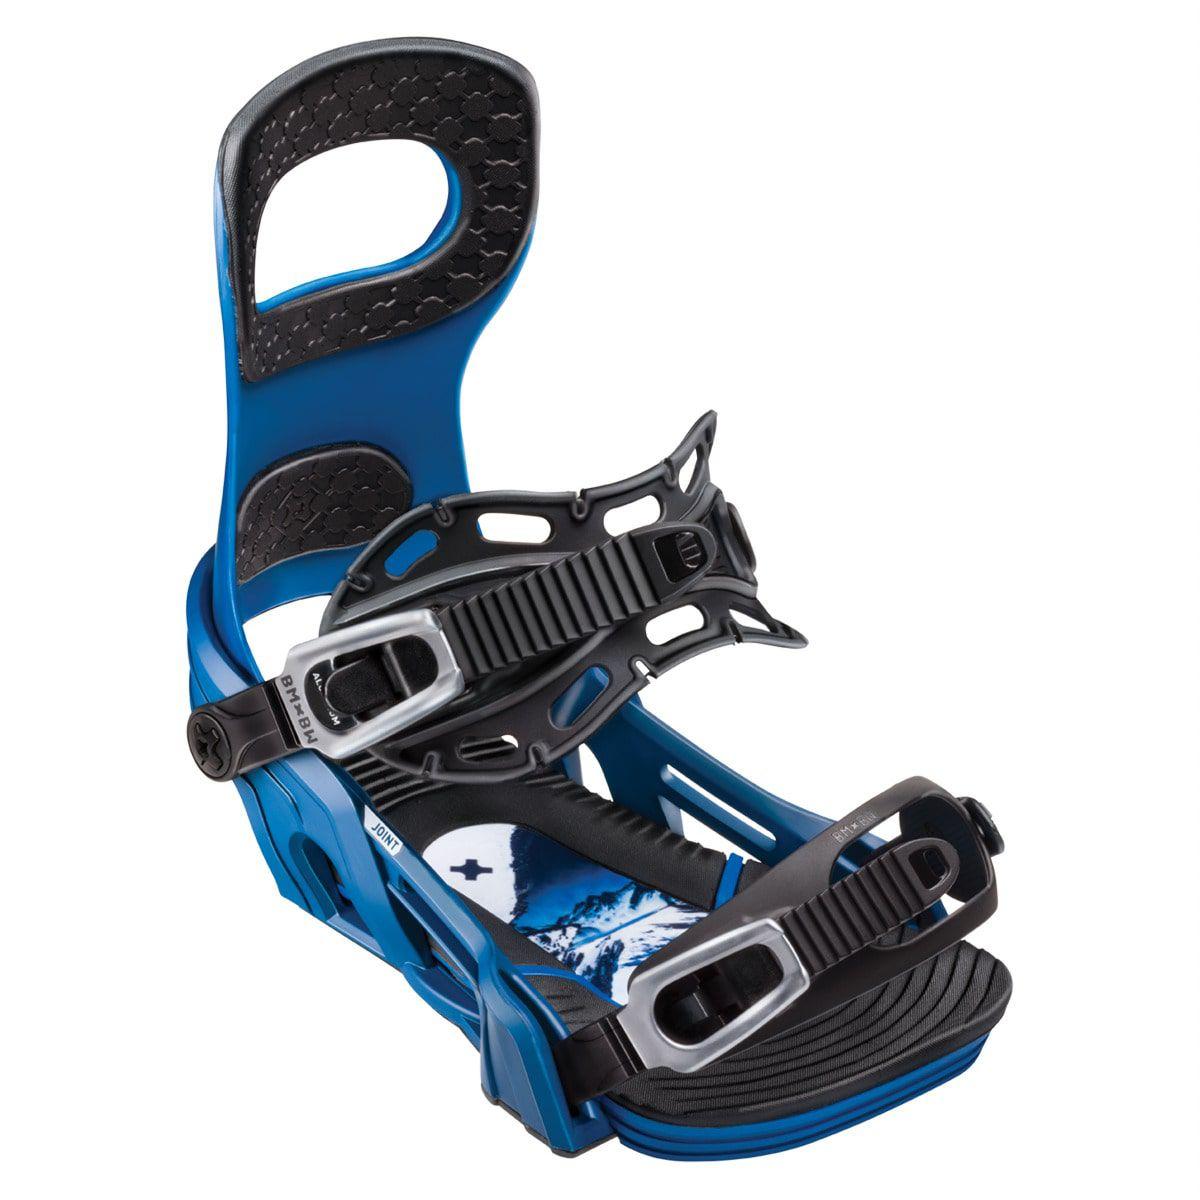 Afbeelding van Snowboardbindingen Heren BENT METAL JOINT blue S/M